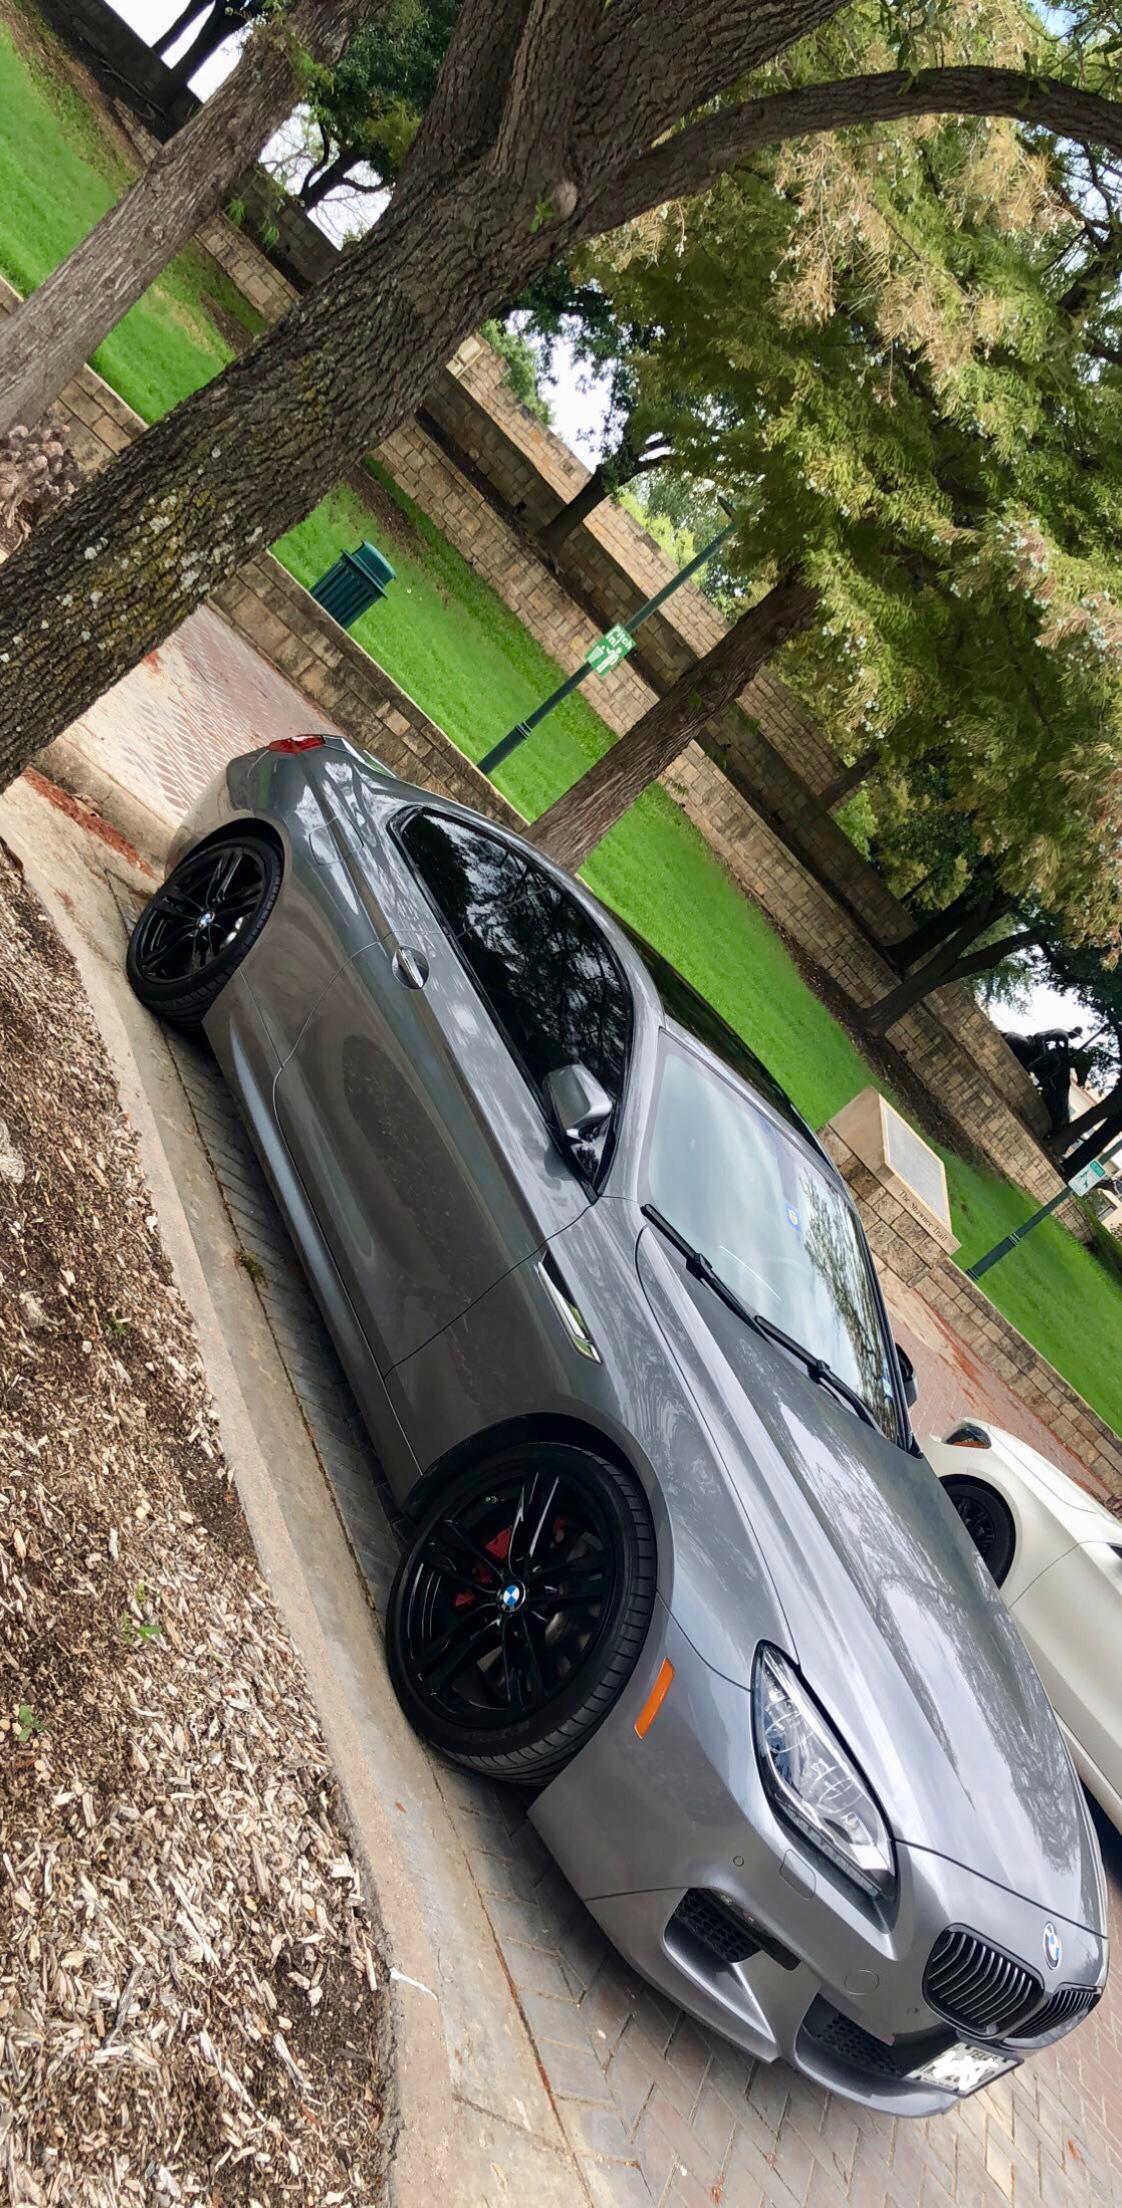 My 2013 BMW 650i M Sport Bmw 650i, Bmw, Bmw i